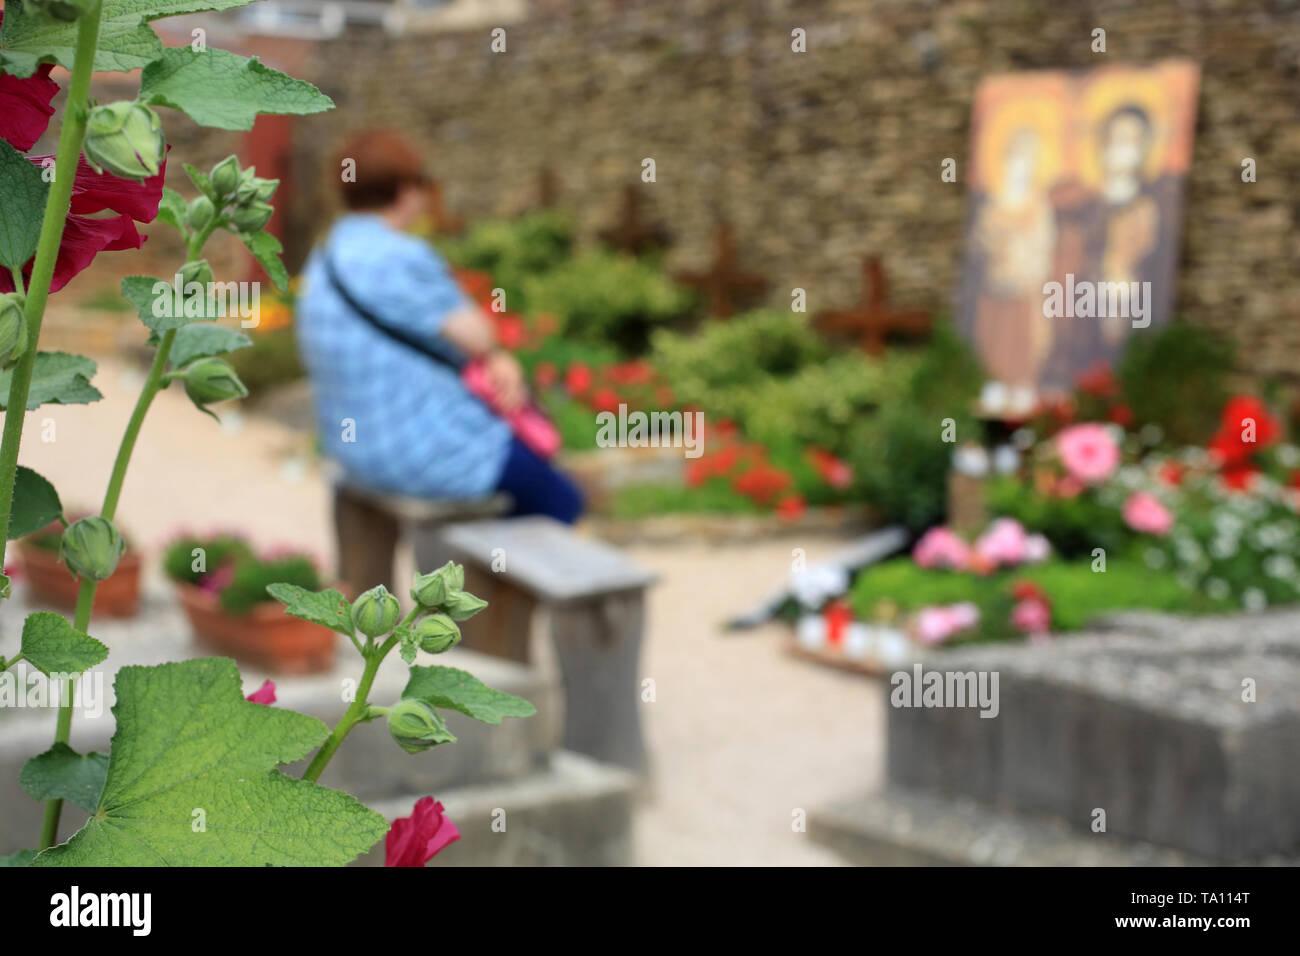 Pèlerin priant devant la tombe de Frère Roger. Taizé. - Stock Image